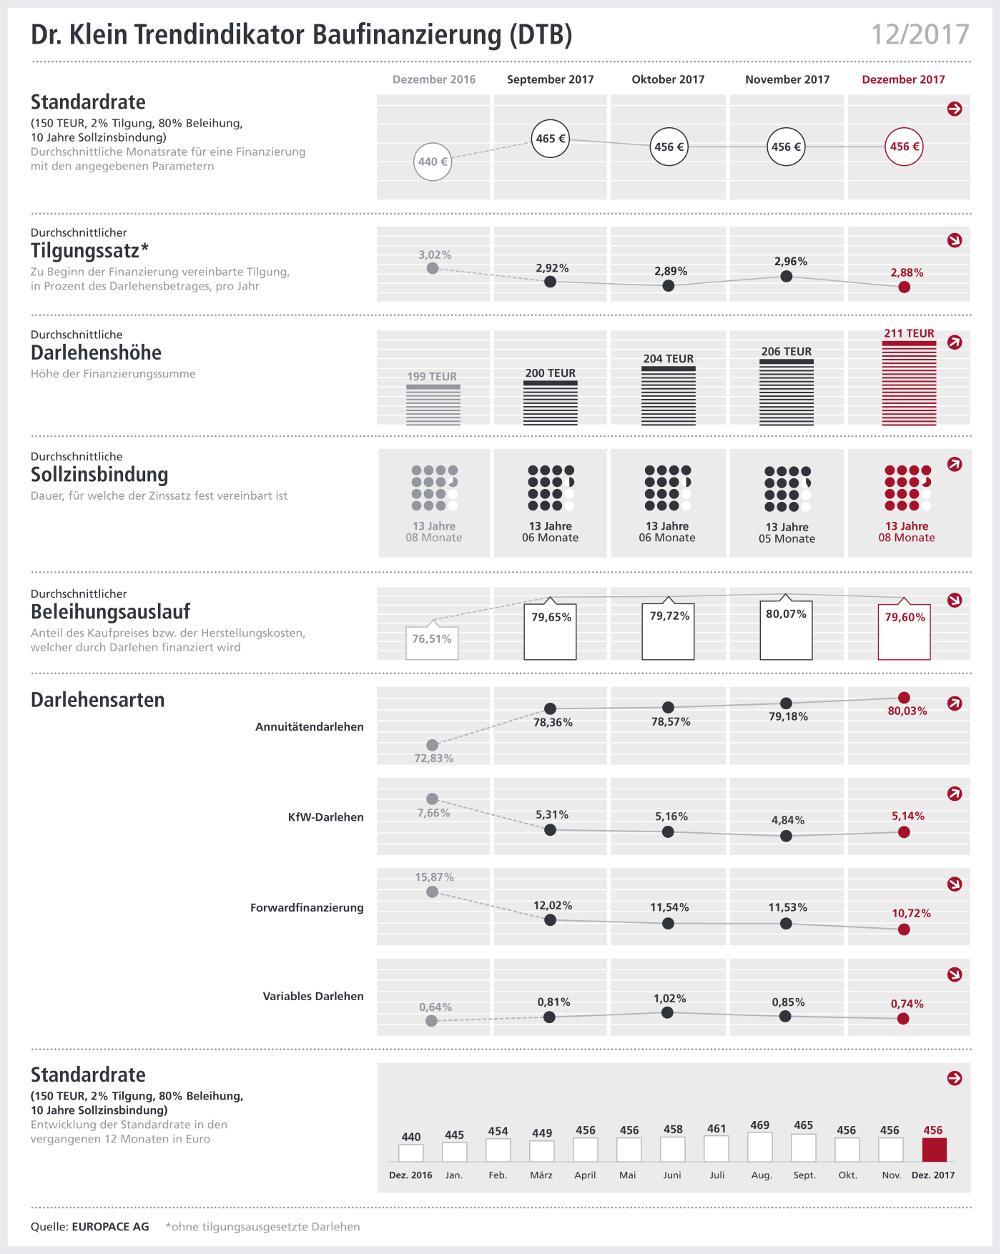 Diverse statistische Auswertungen zur Entwicklung der Baufinanzierungen